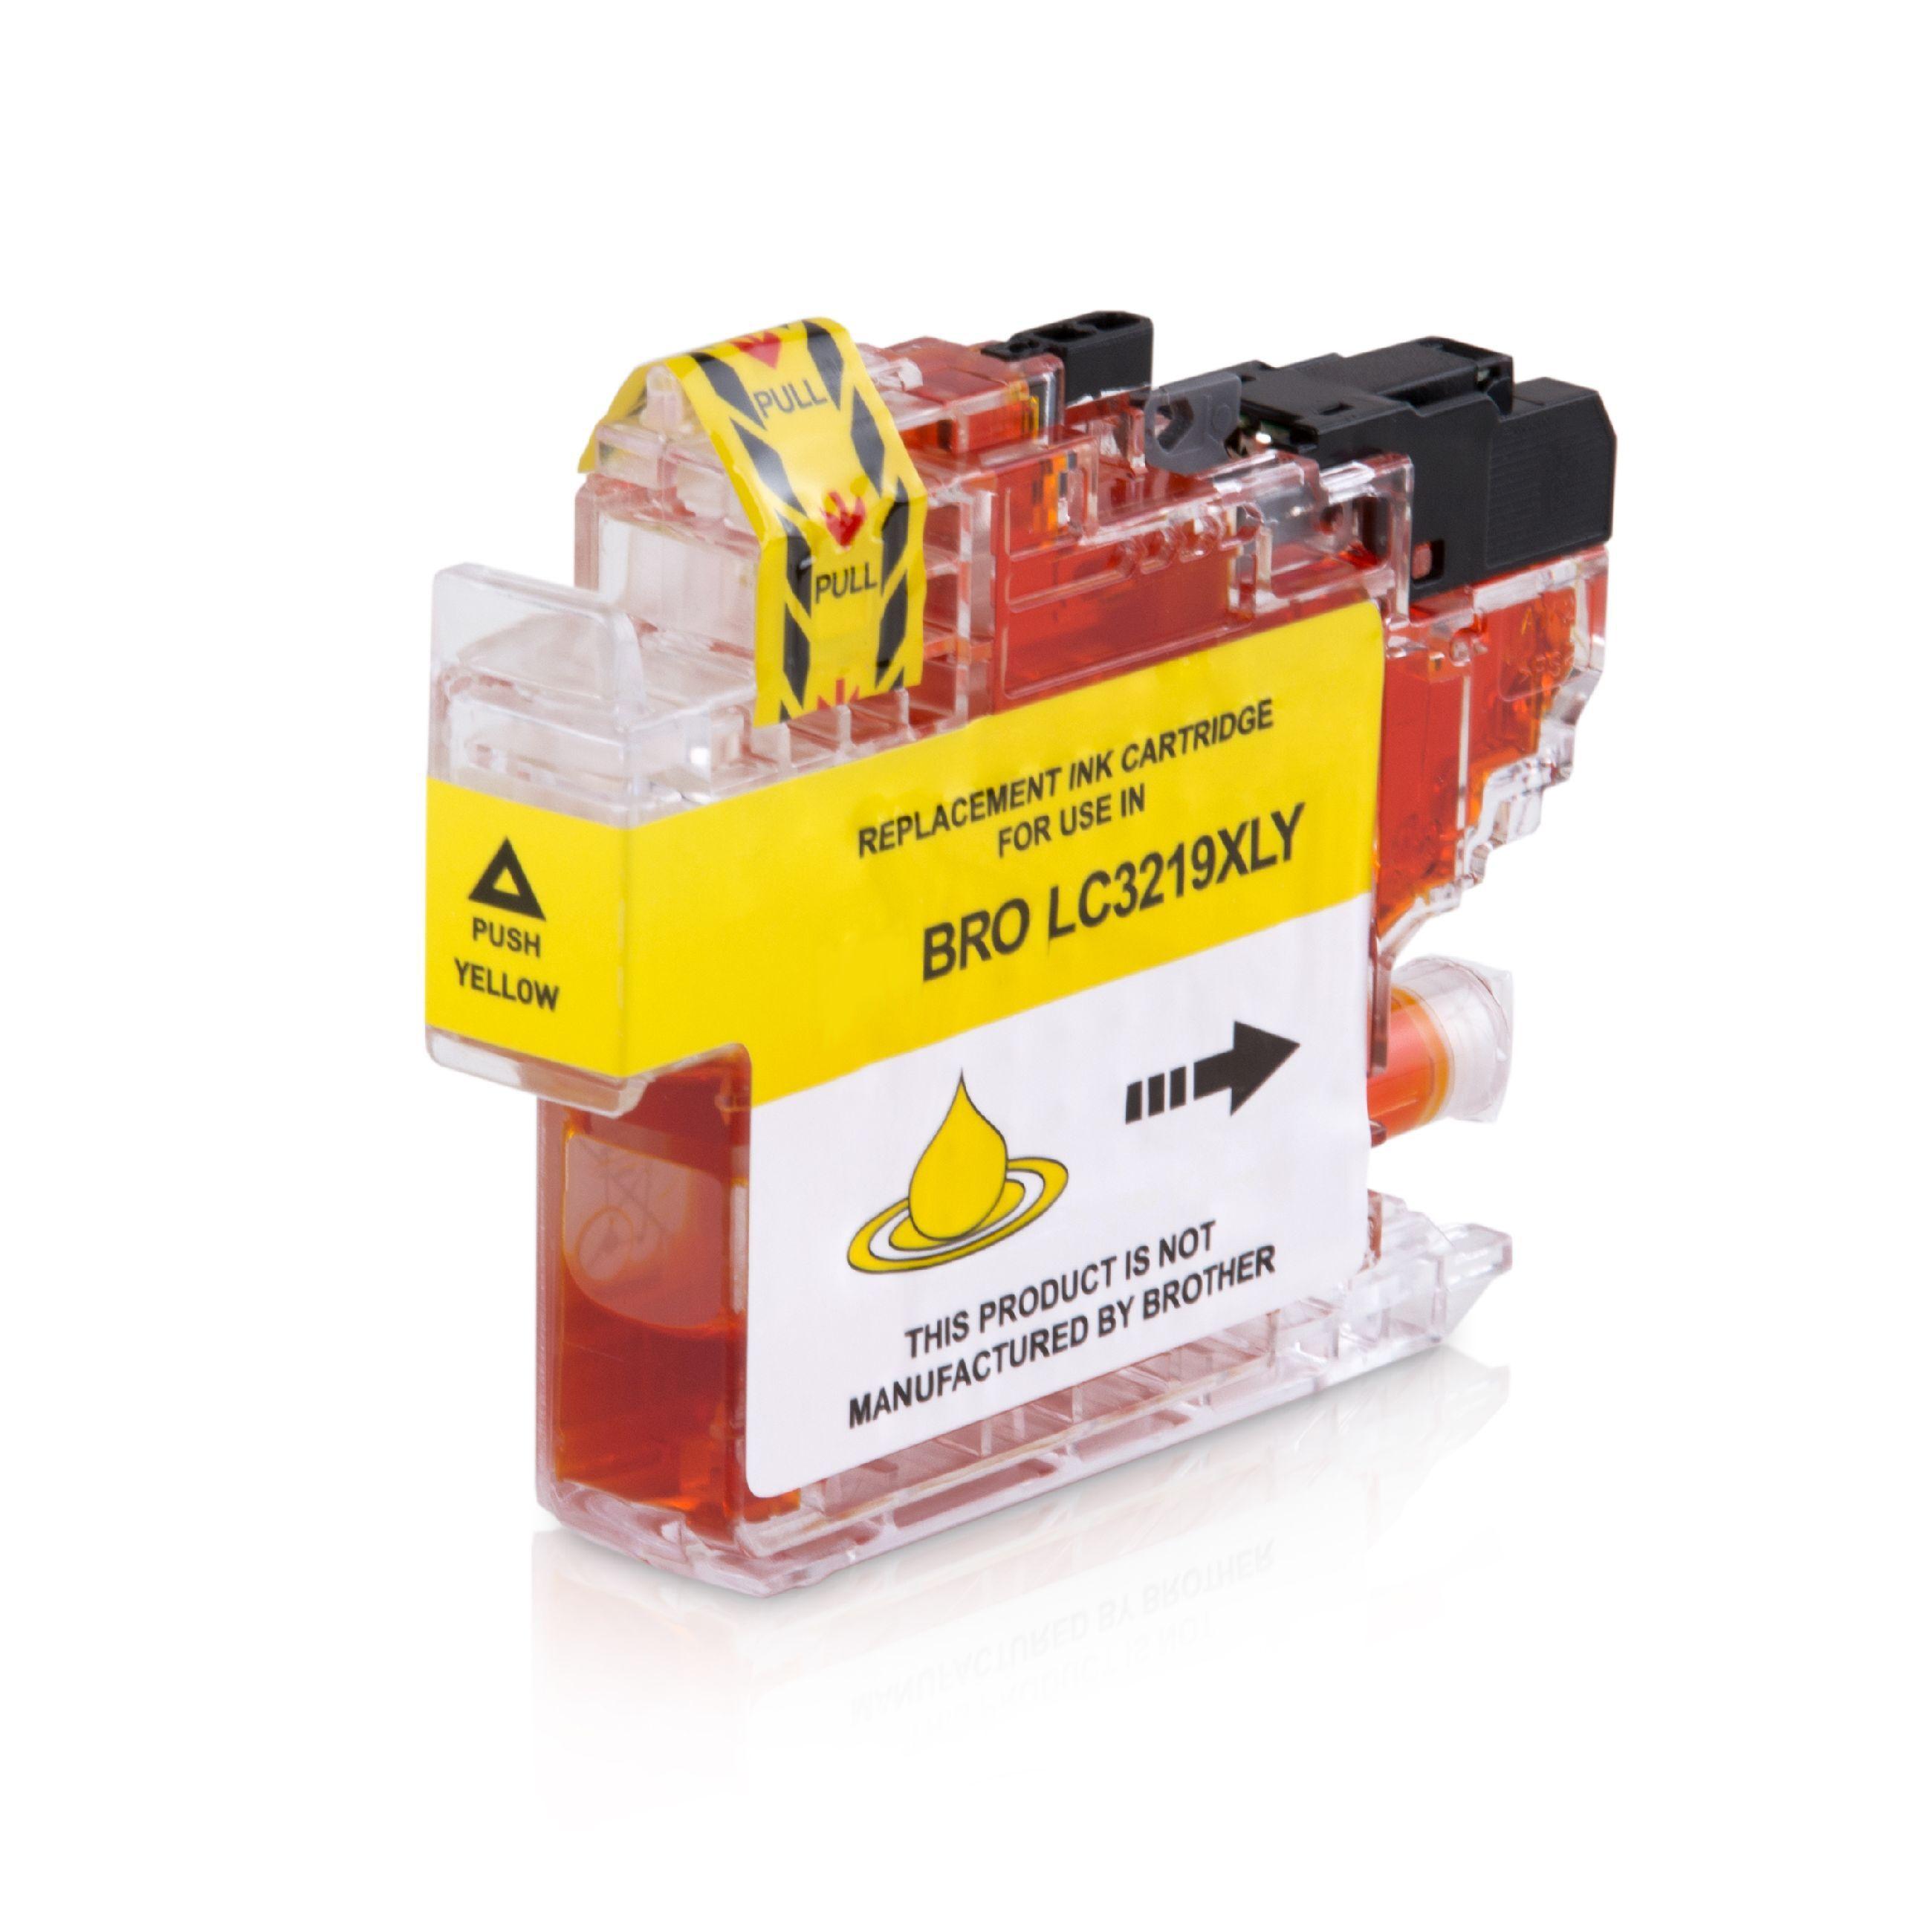 Brother Cartouche d'encre pour Brother LC3219XLY jaune compatible (de marque ASC)